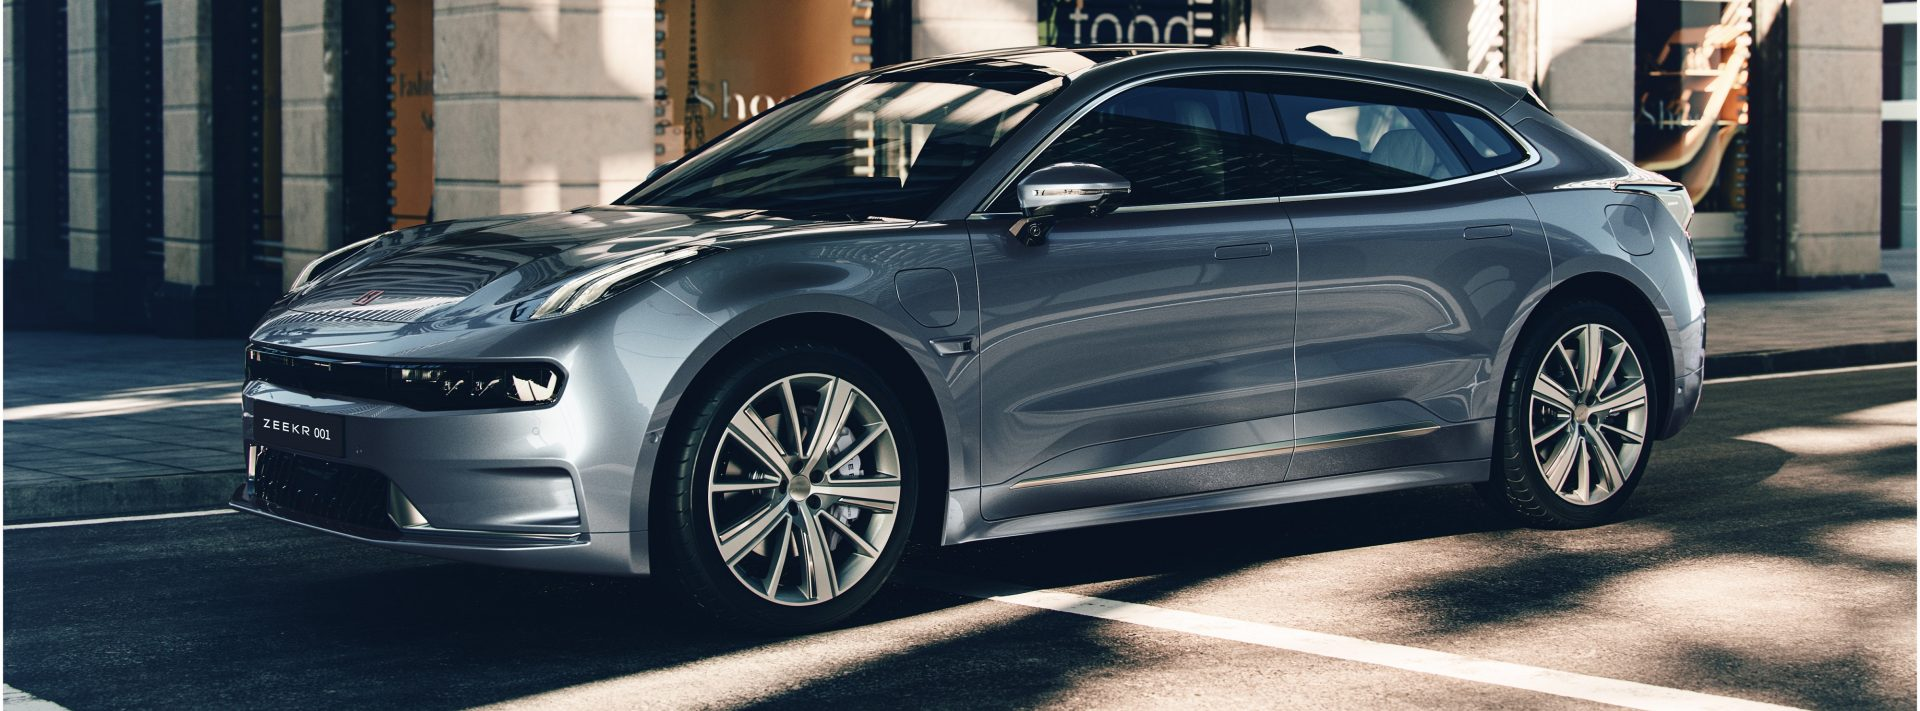 Автомобилната марка Zeekr събра 500 млн. долара финансиране